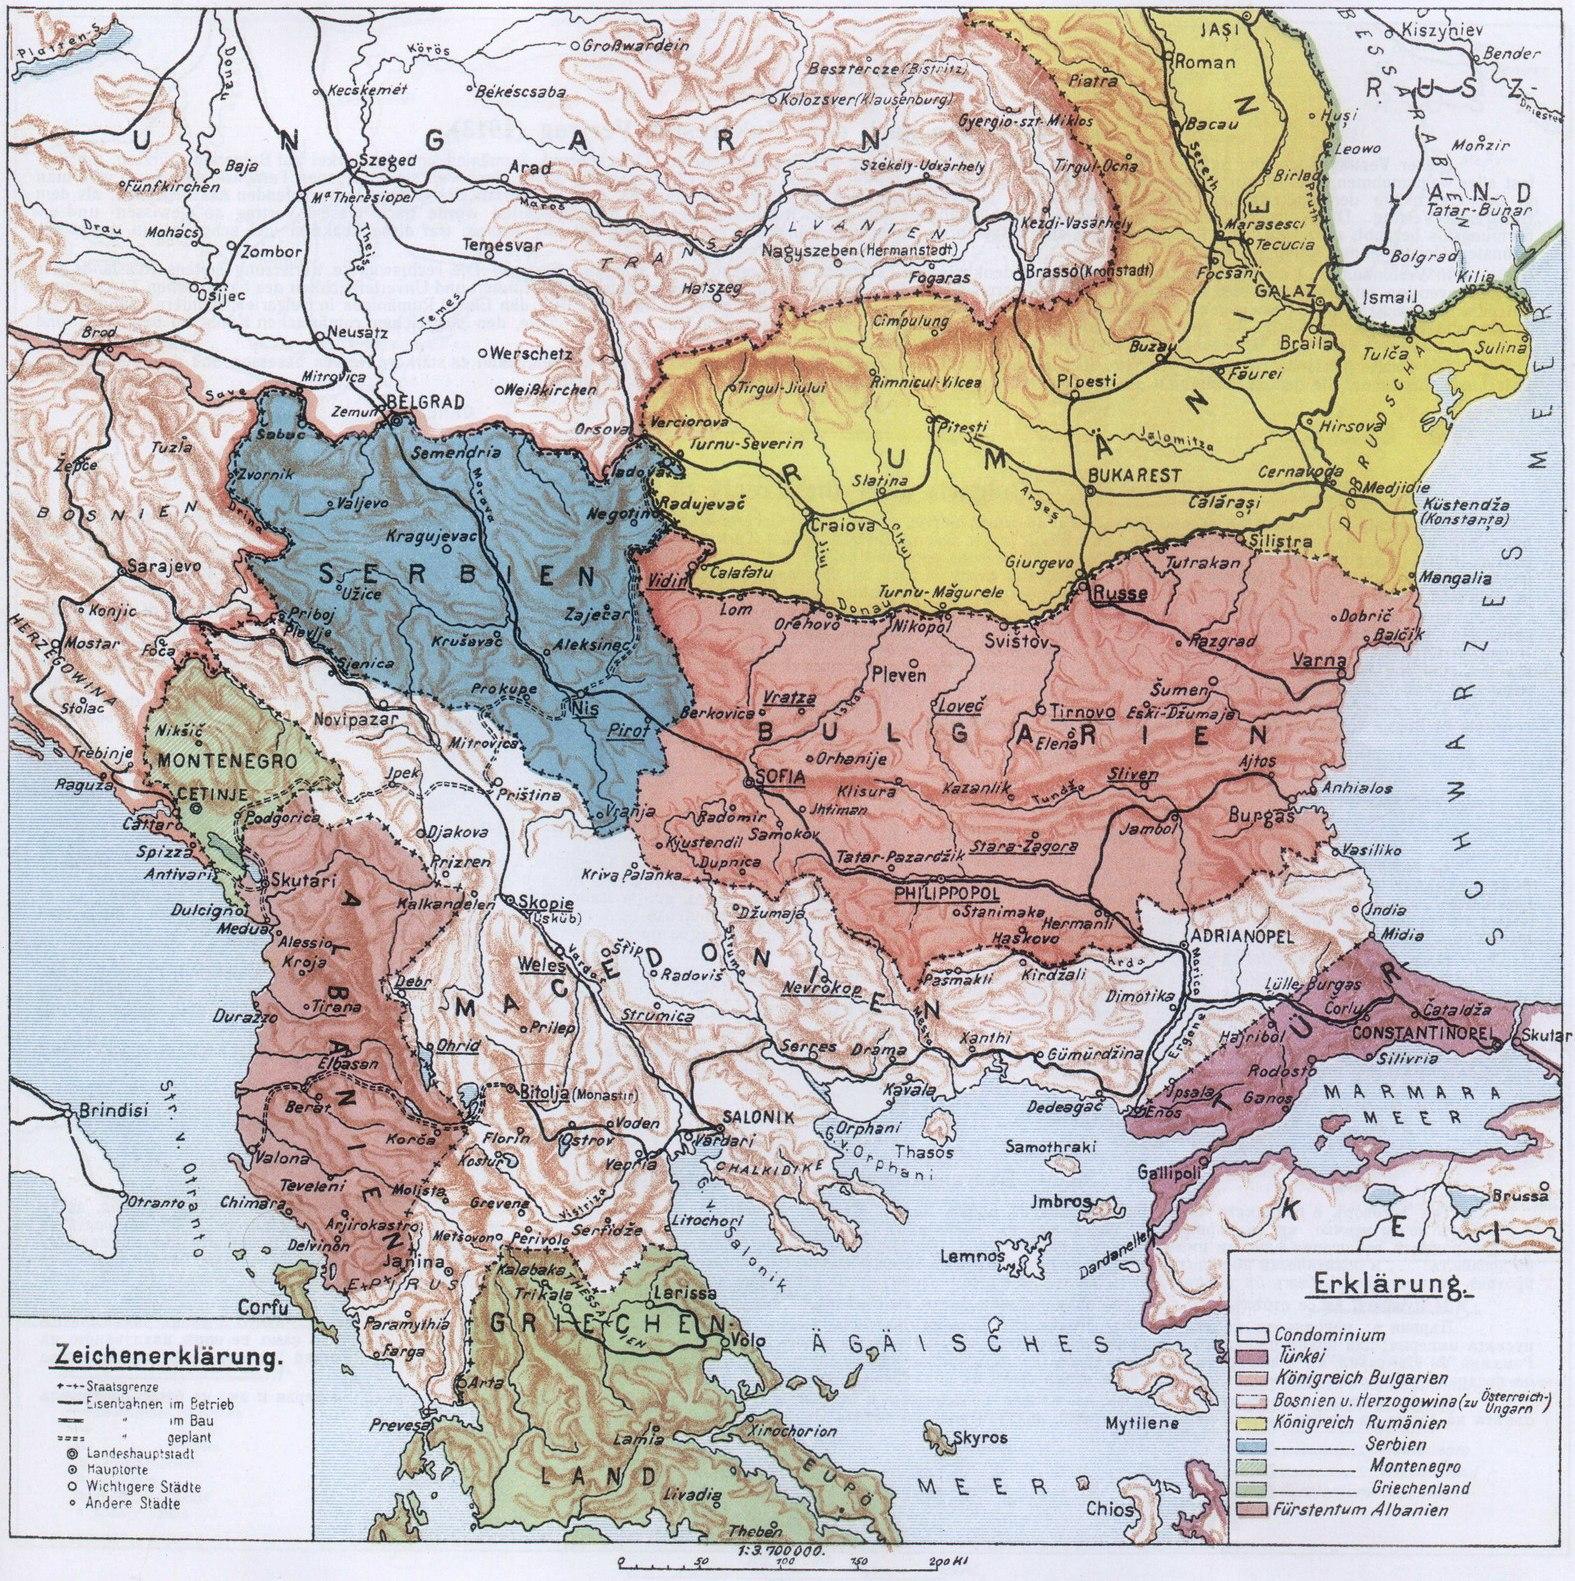 D Rizov Blgapitѣ V Tѣhnitѣ Istoricheski Etnograficheski I